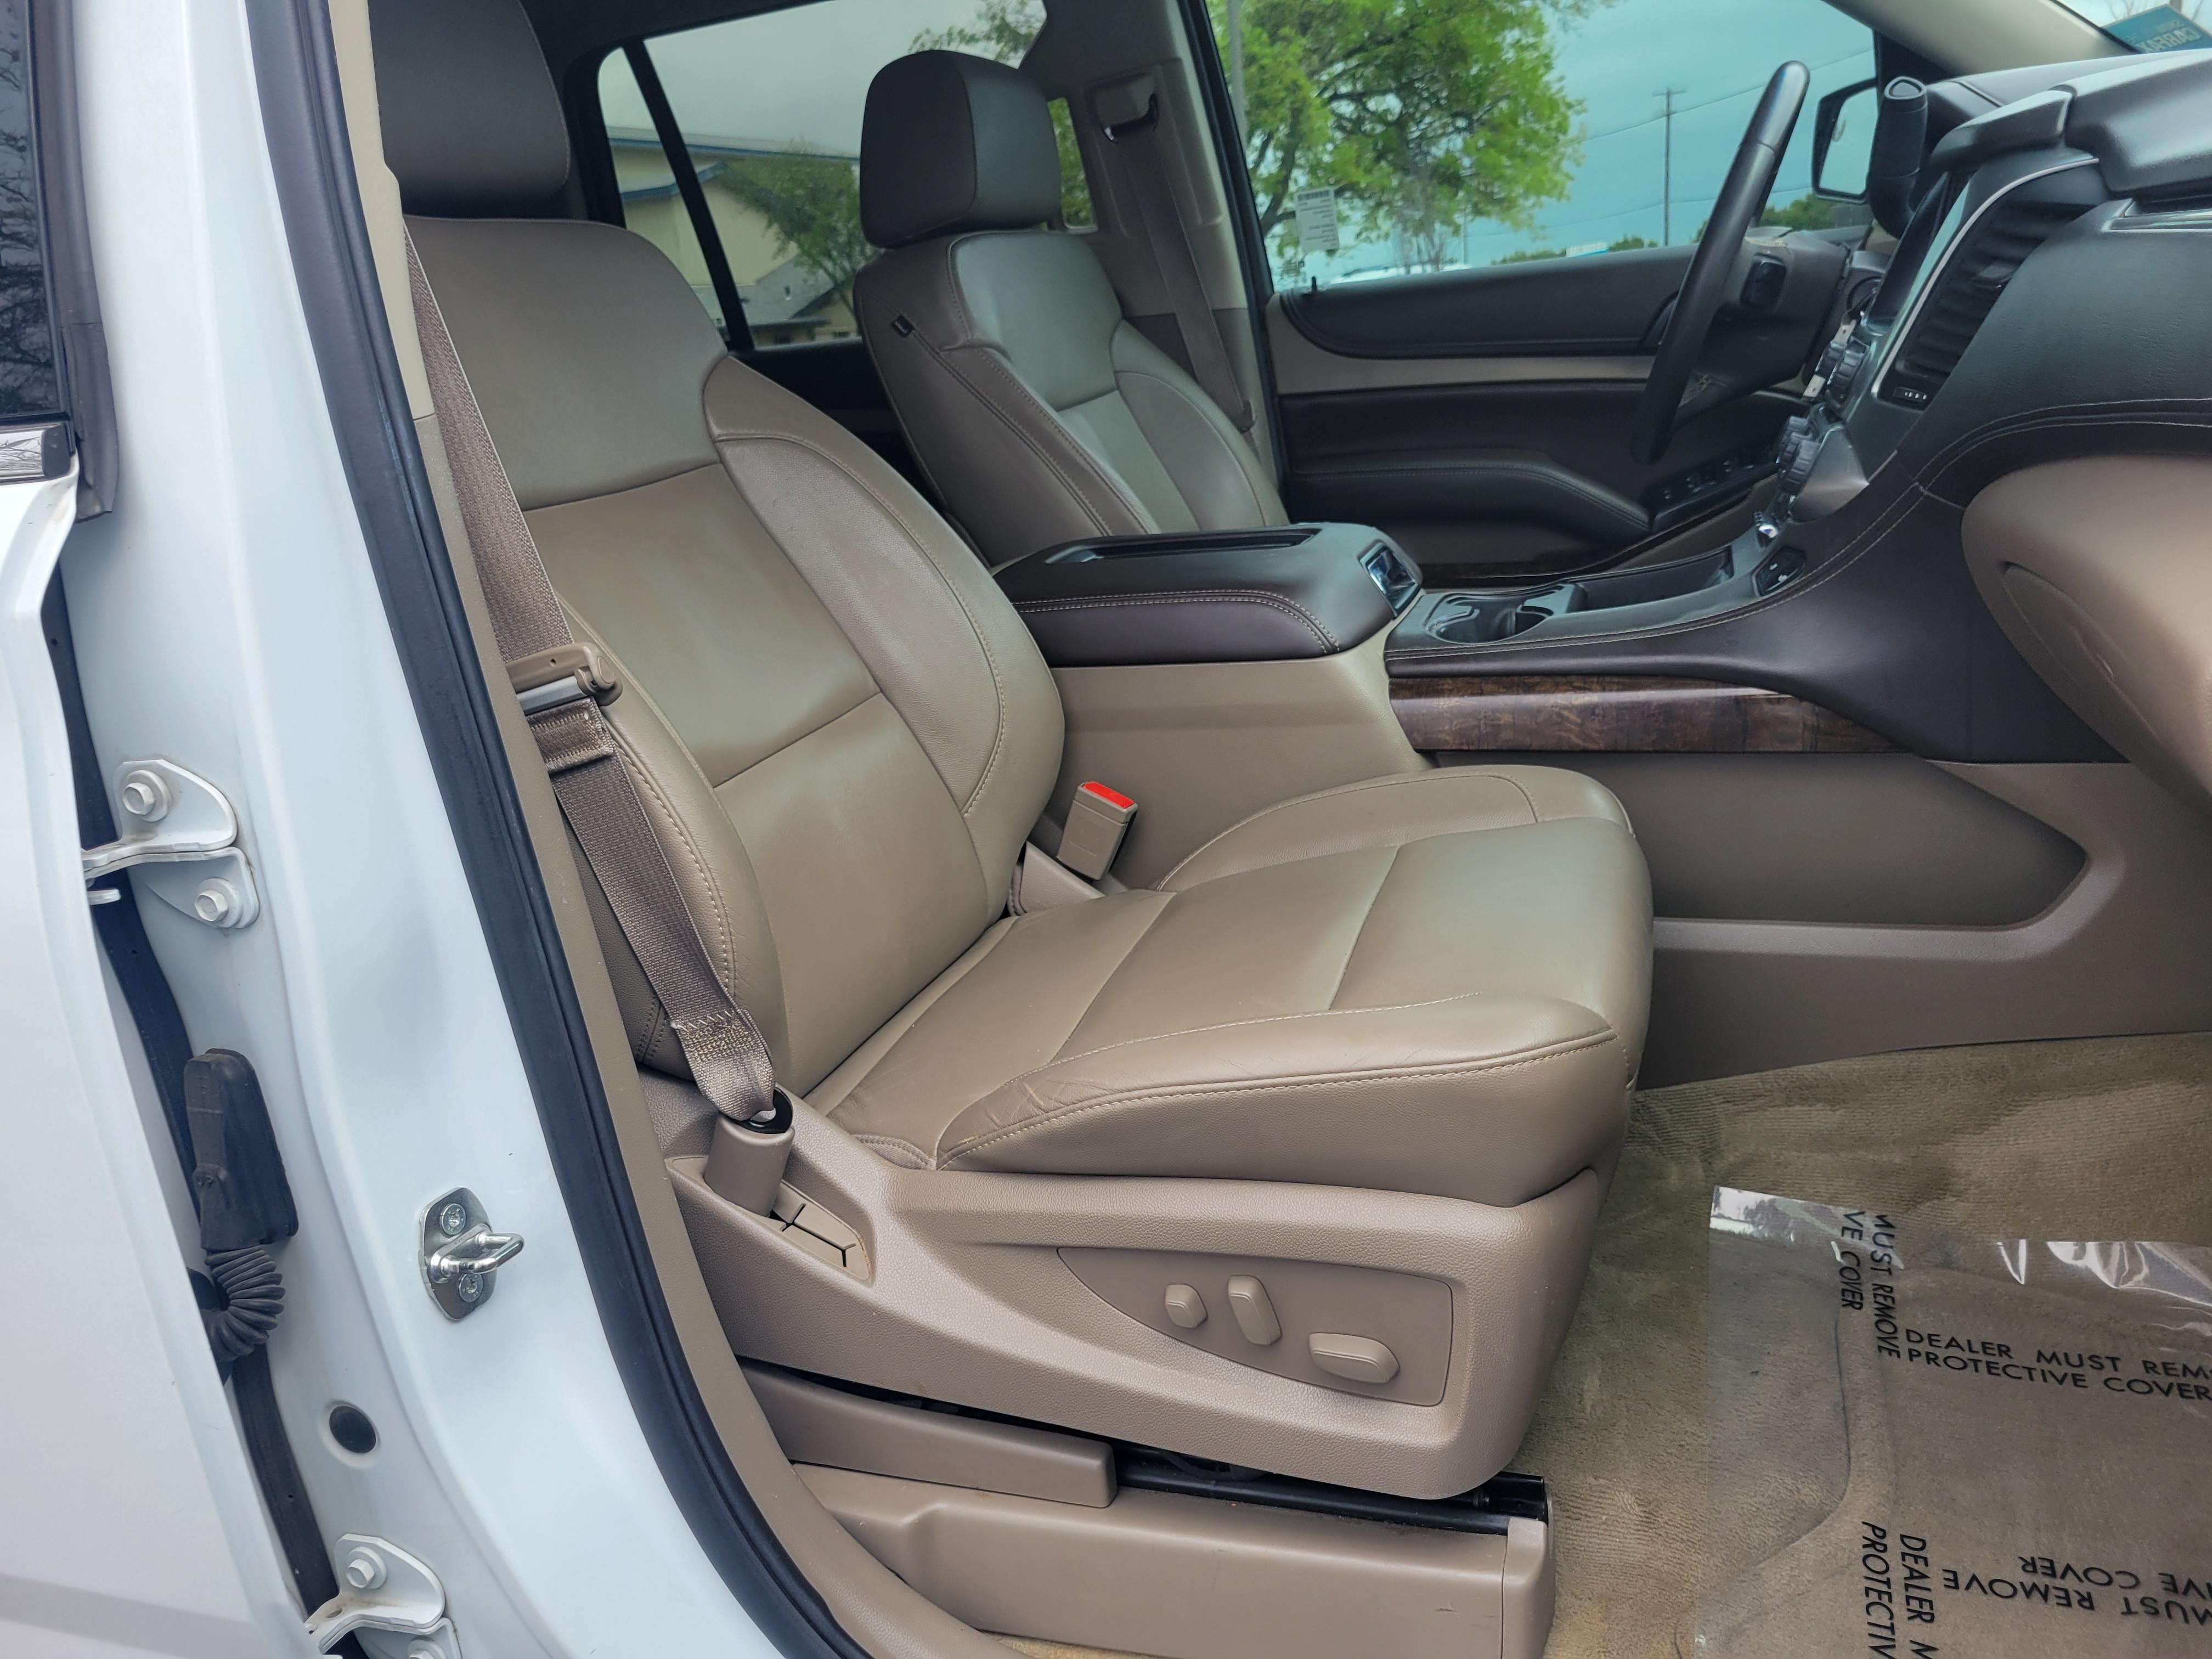 used vehicle - SUV CHEVROLET TAHOE 2015